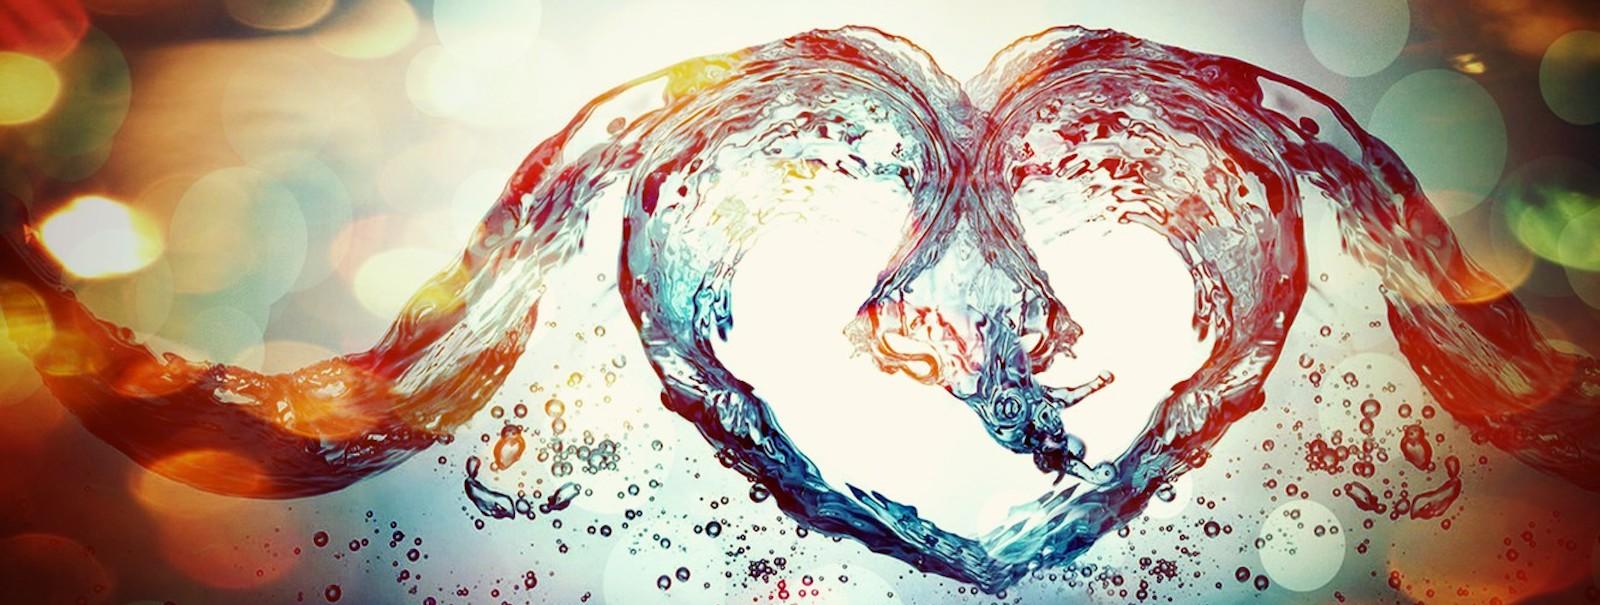 Разные виды любви | Расшифровка понятий